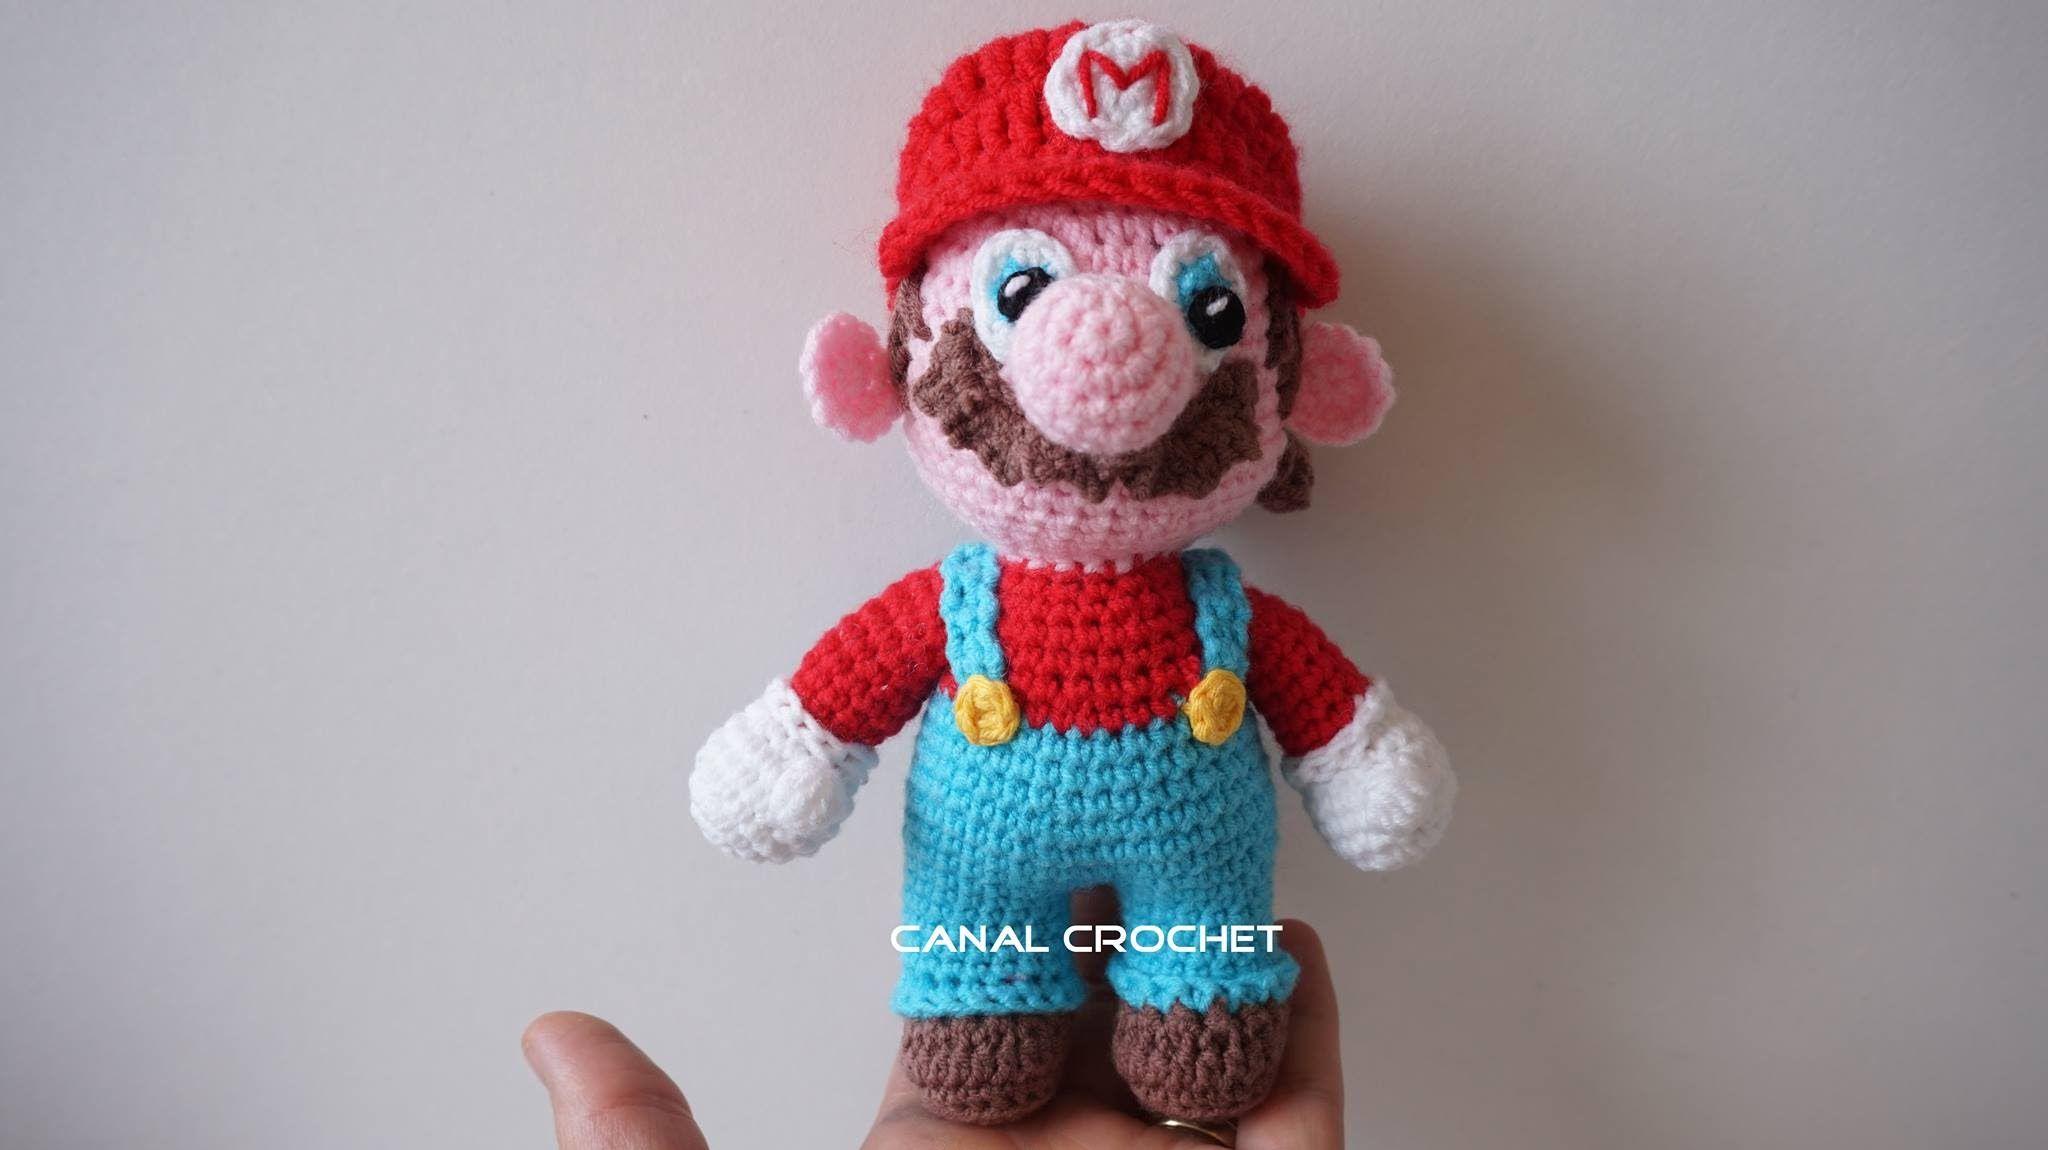 Amigurumis Navideños Patrones Gratis : Https: www.facebook.com canal crochet 1166416096719575u2026 amigurumi